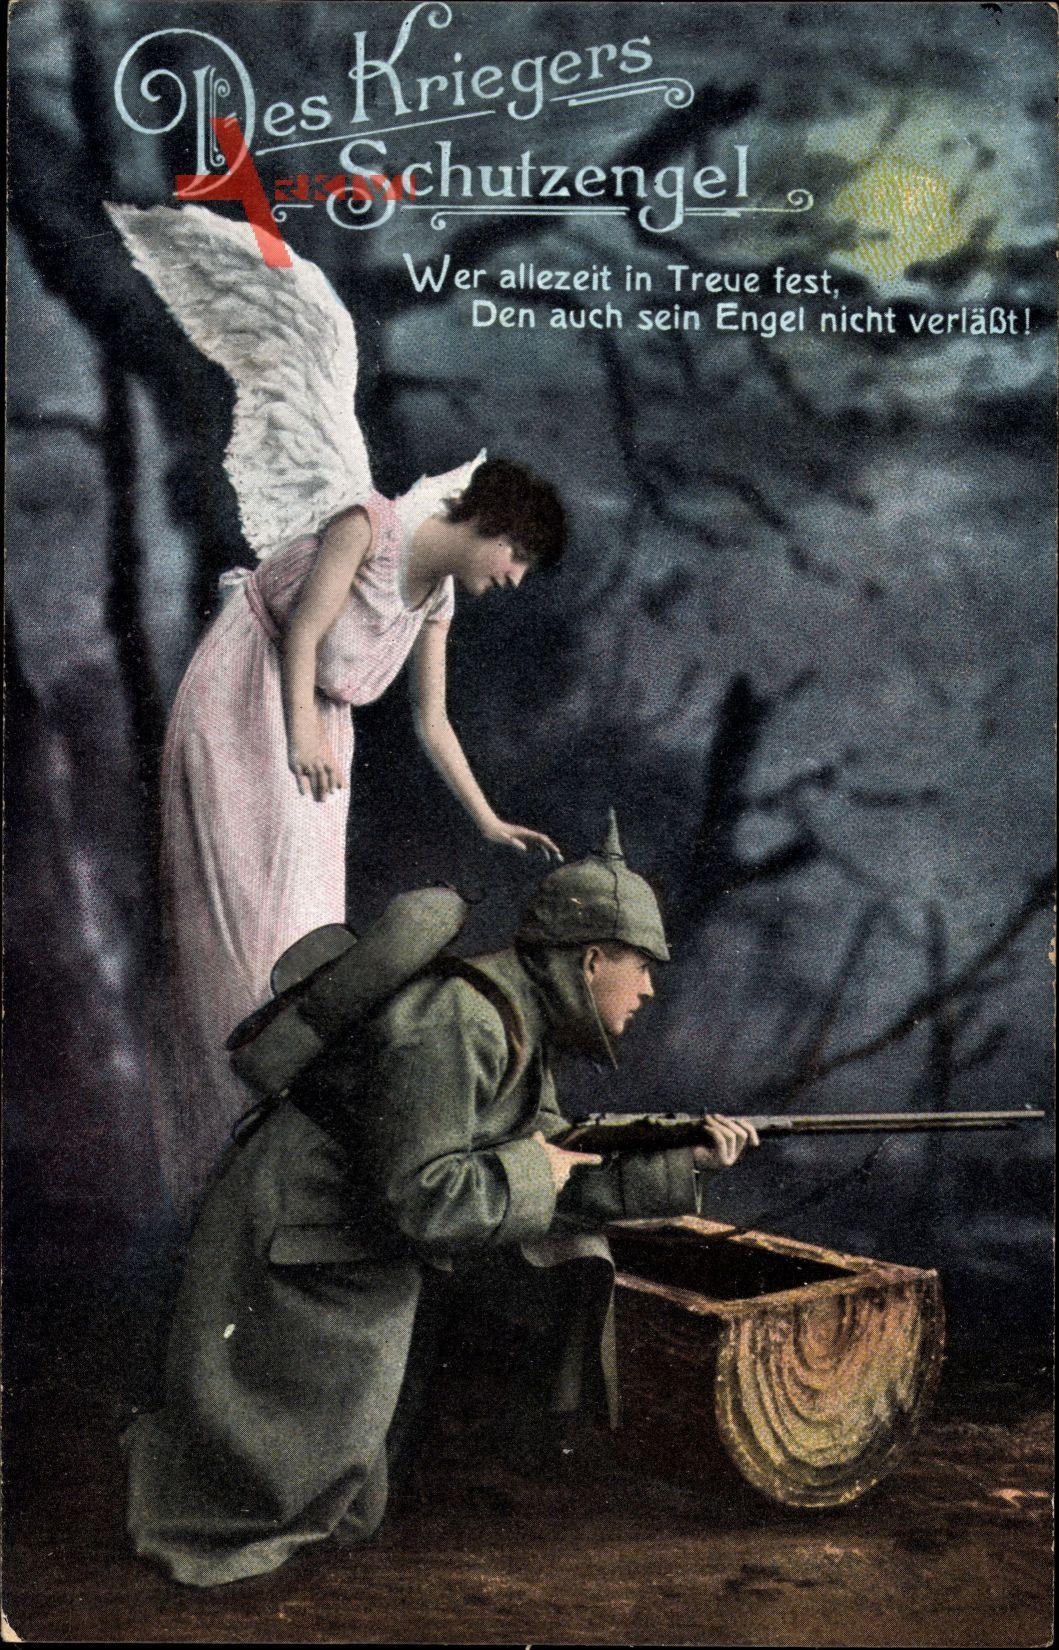 Des Kriegers Schutzengel, Wer allezeit in Treue festm den auch sein Engel